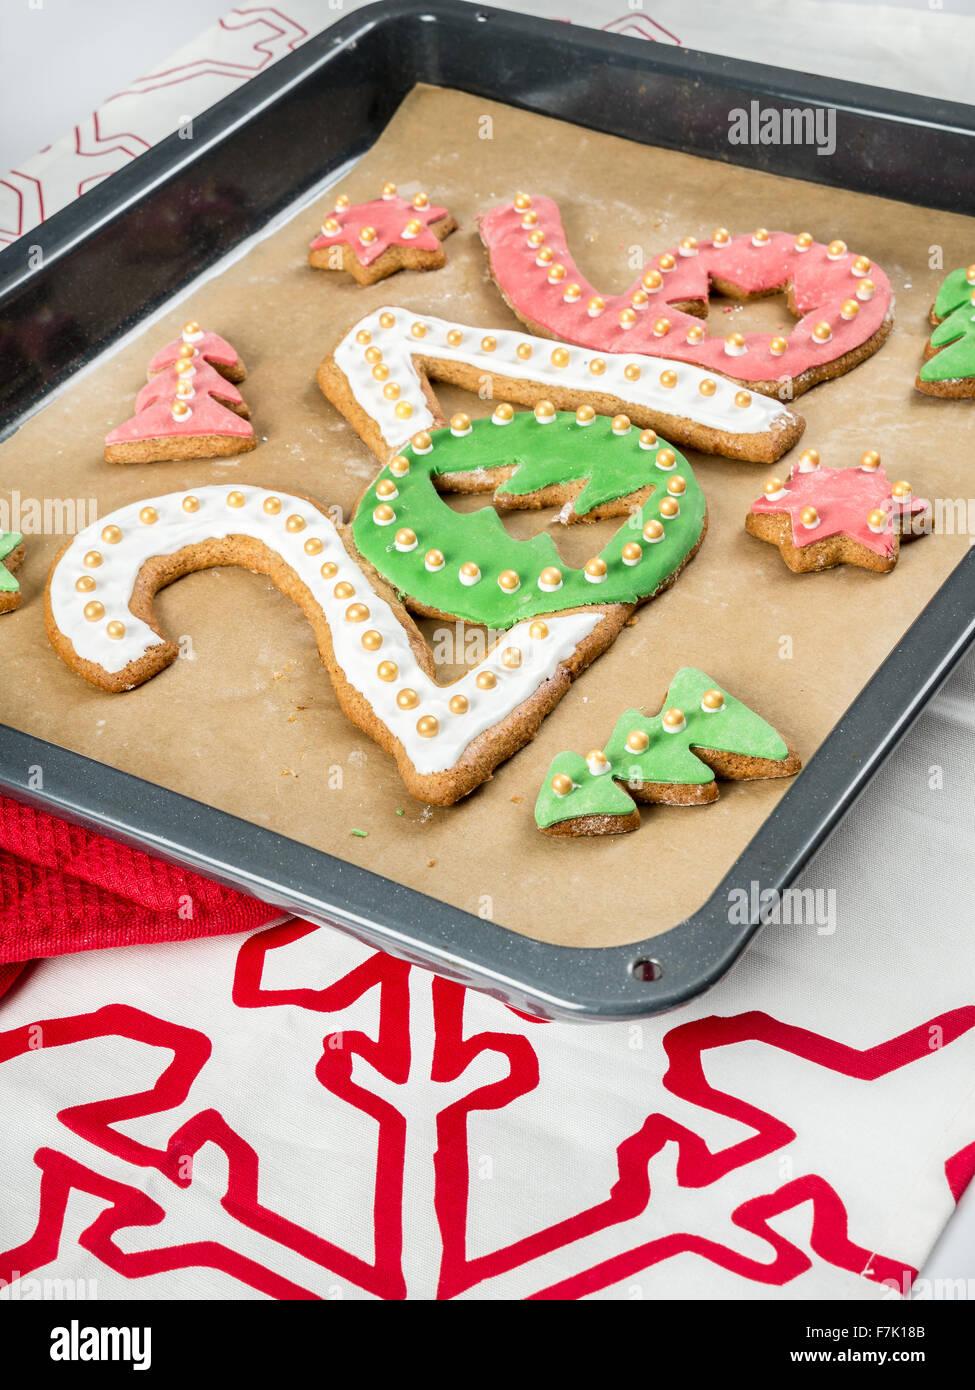 Home-made gingerbread cookies en forme de nouveaux chiffres de l'année 2016 sur la plaque de cuisson Photo Stock